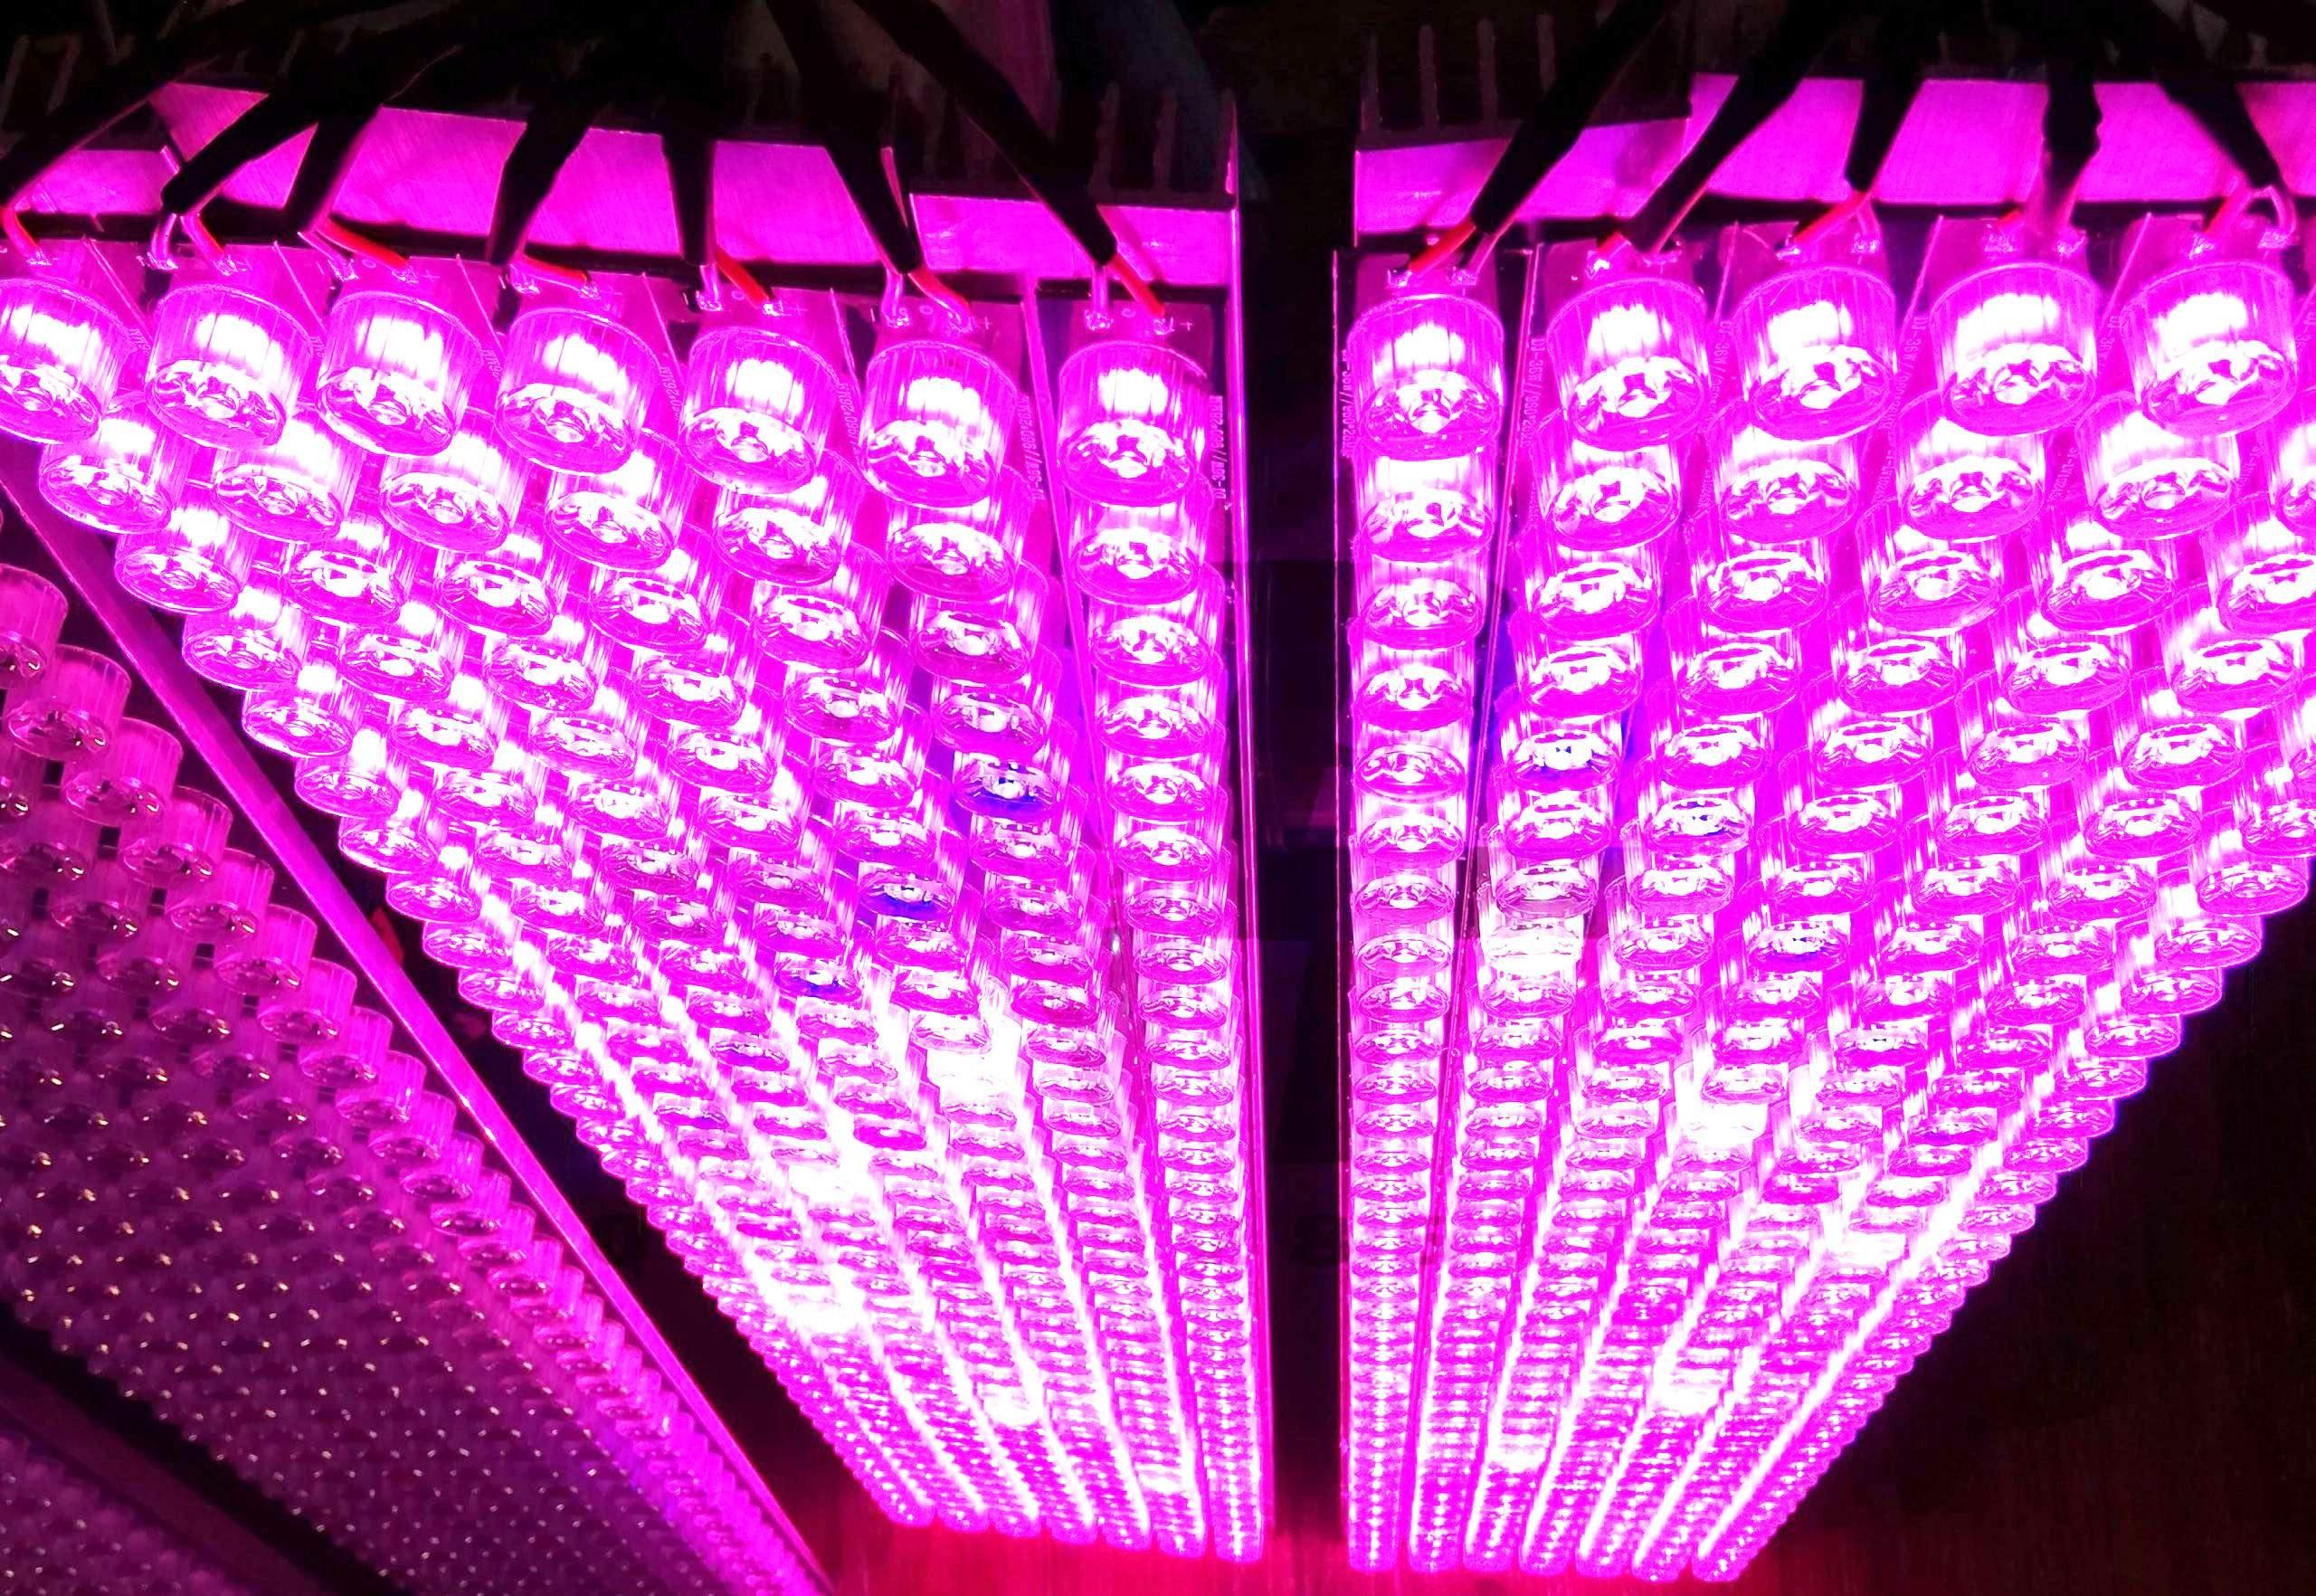 تصویر پنل رشد گیاه ۱۰۰۰ واتی اقتصادی فول اسپکتروم